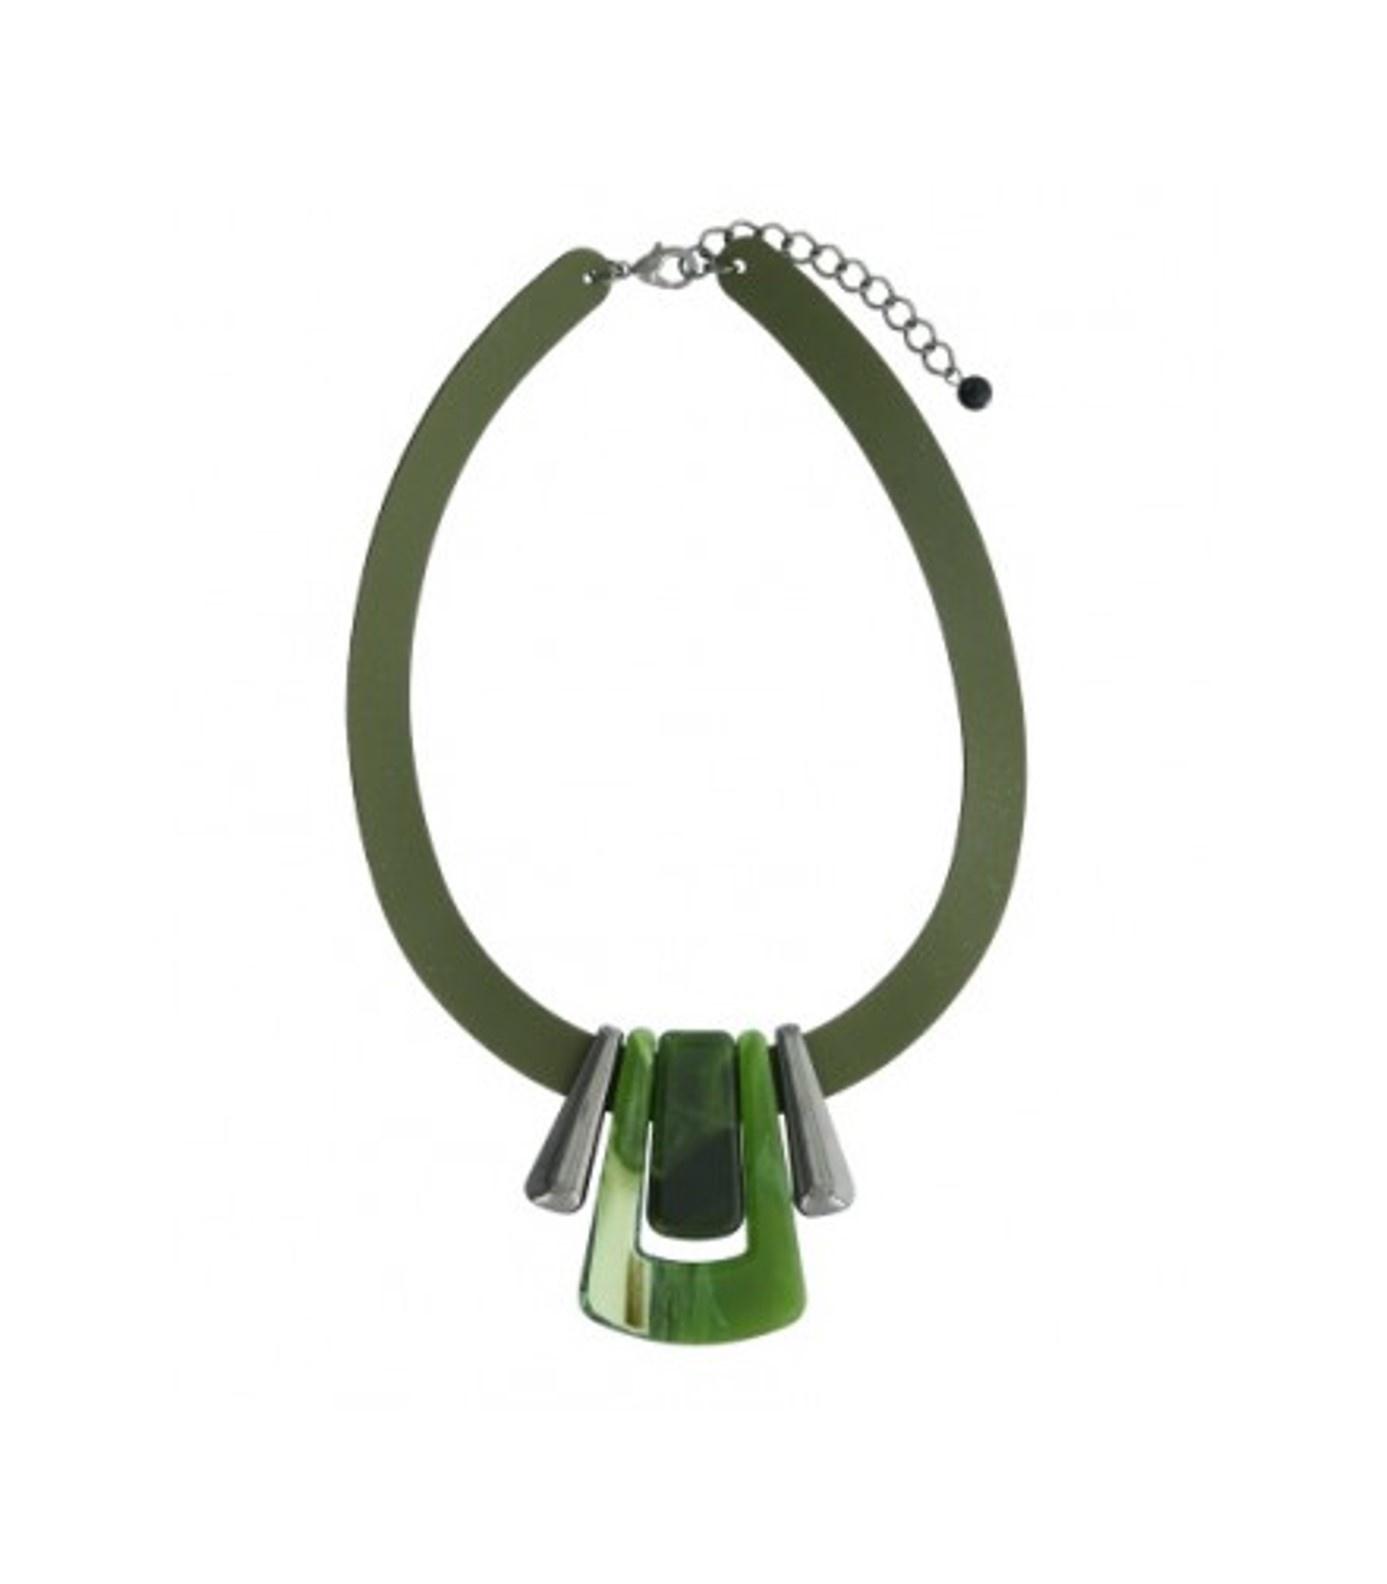 A-Zone Leren band ketting met fancy hangers